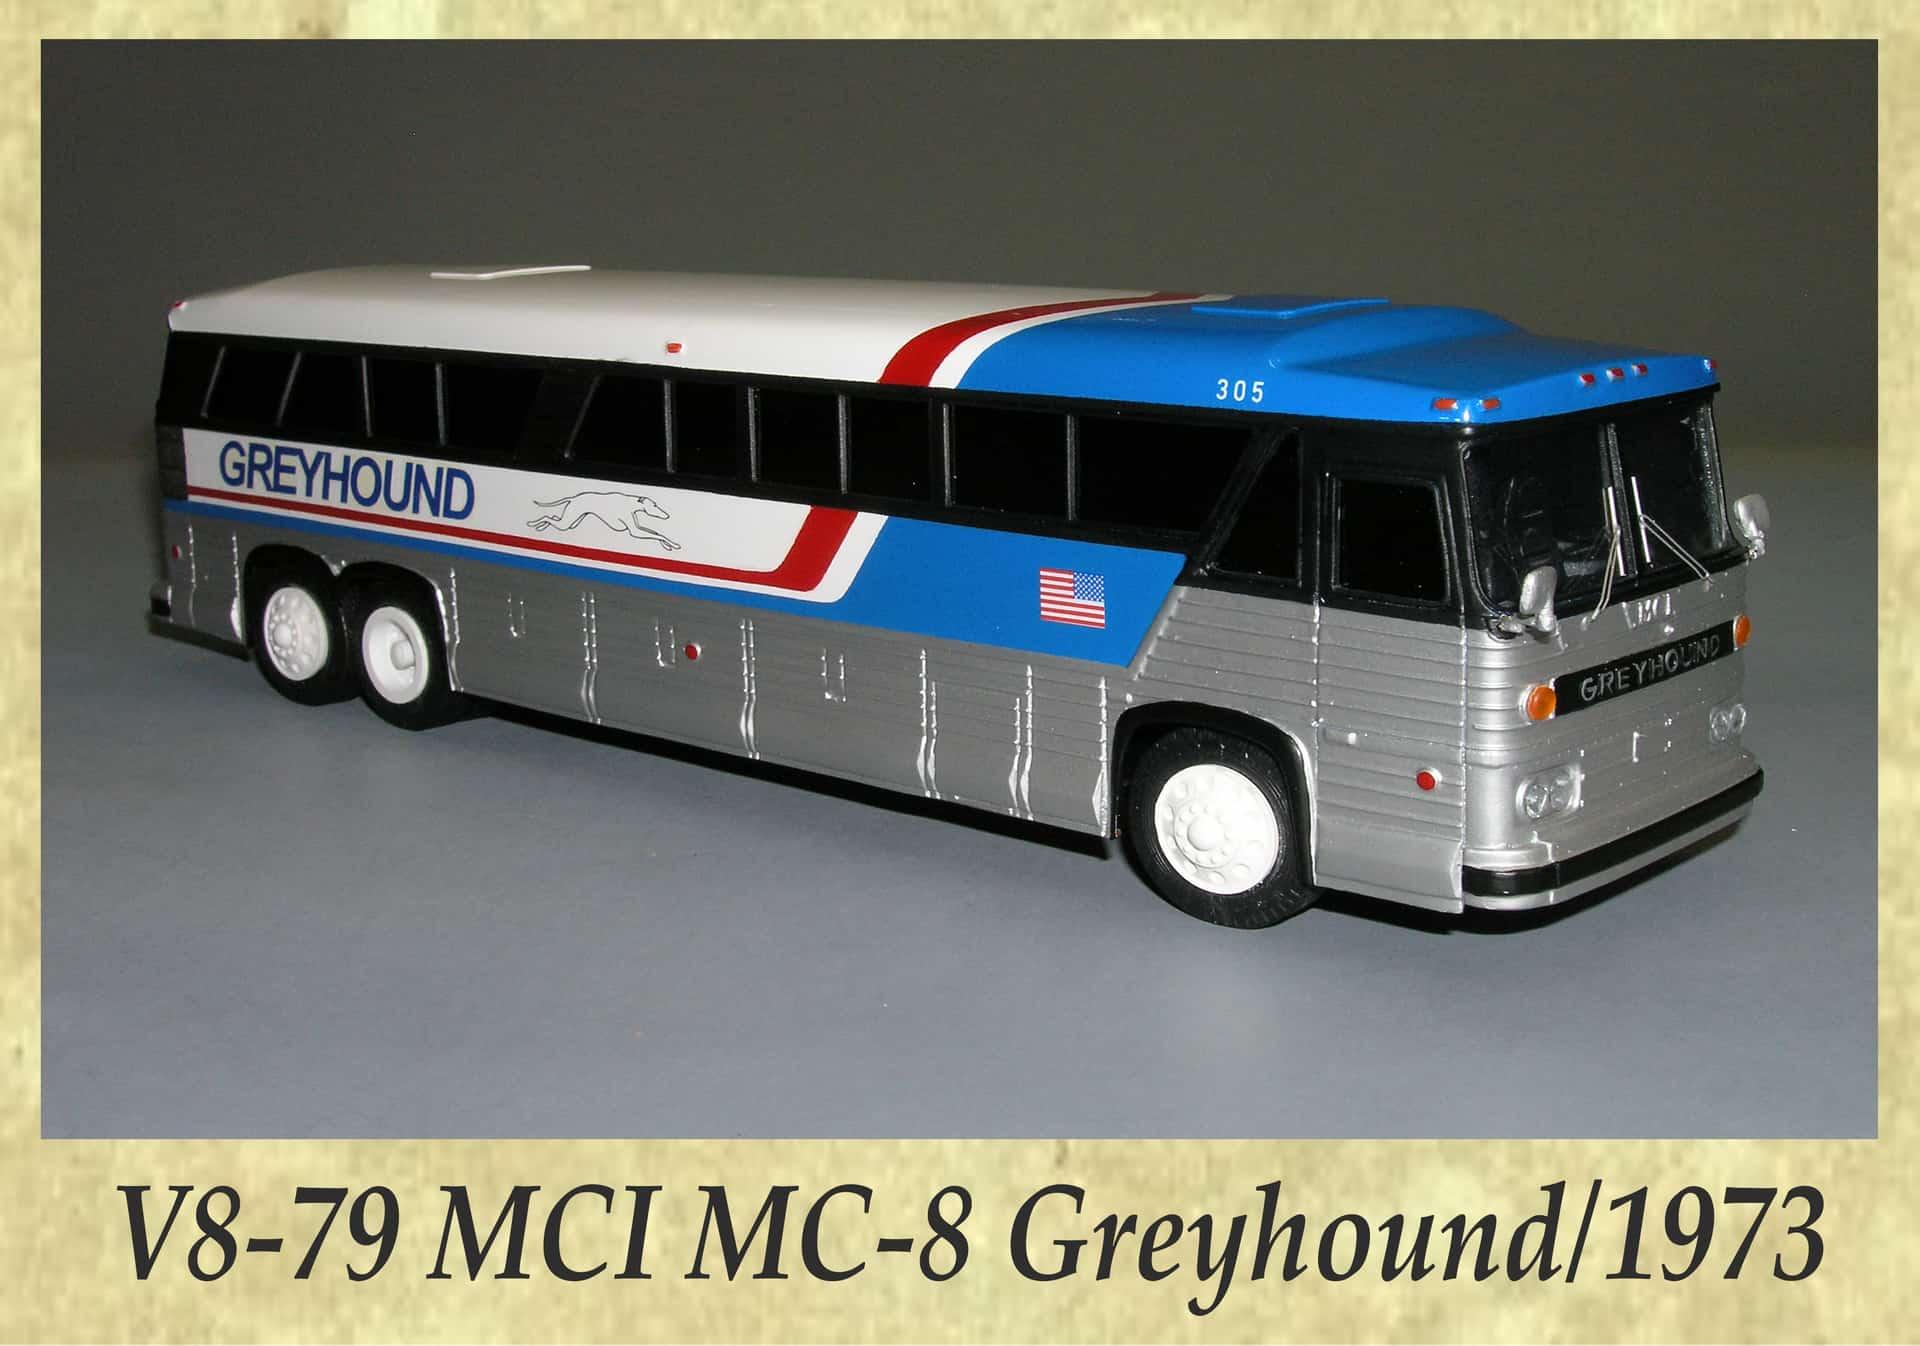 V8-79 MCI MC-8 Greyhound 1973